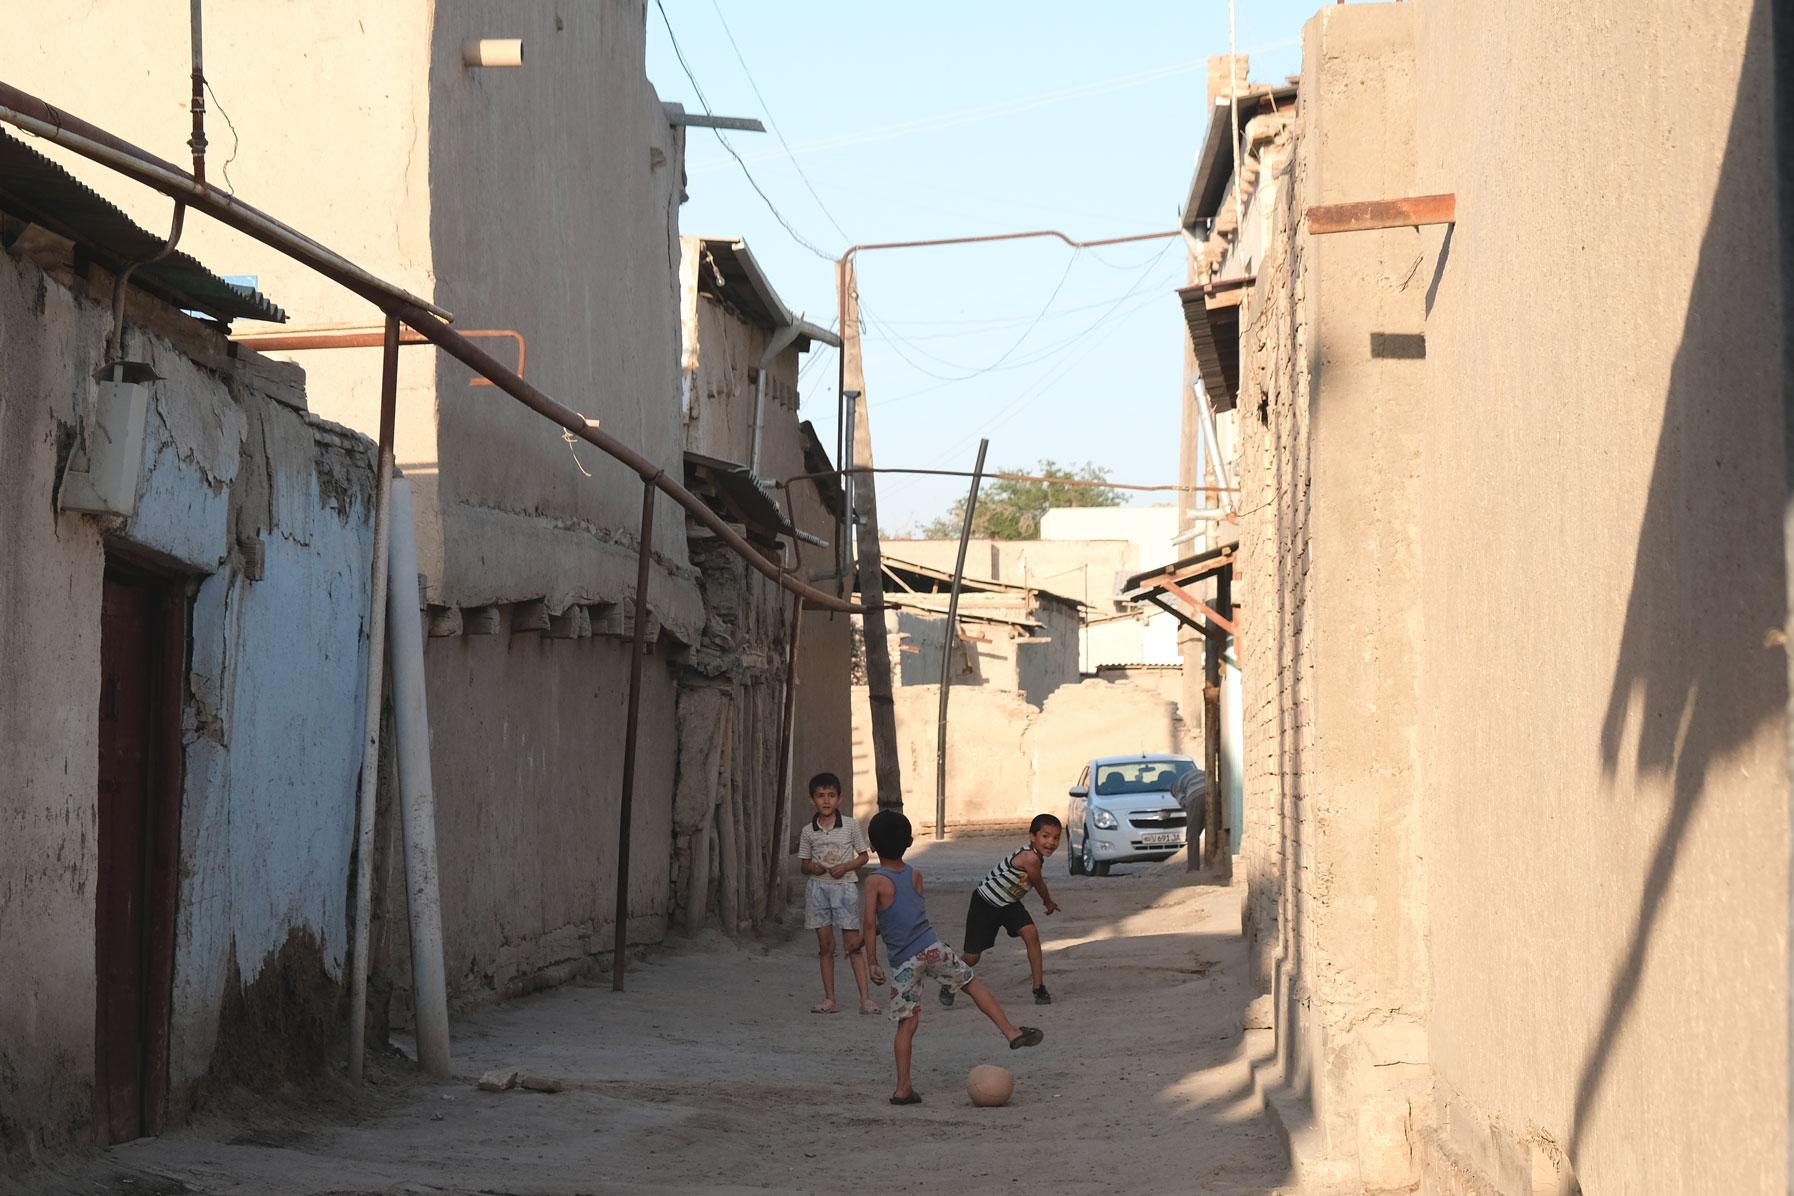 Drei Jungen spielen in einer Straße Fußball